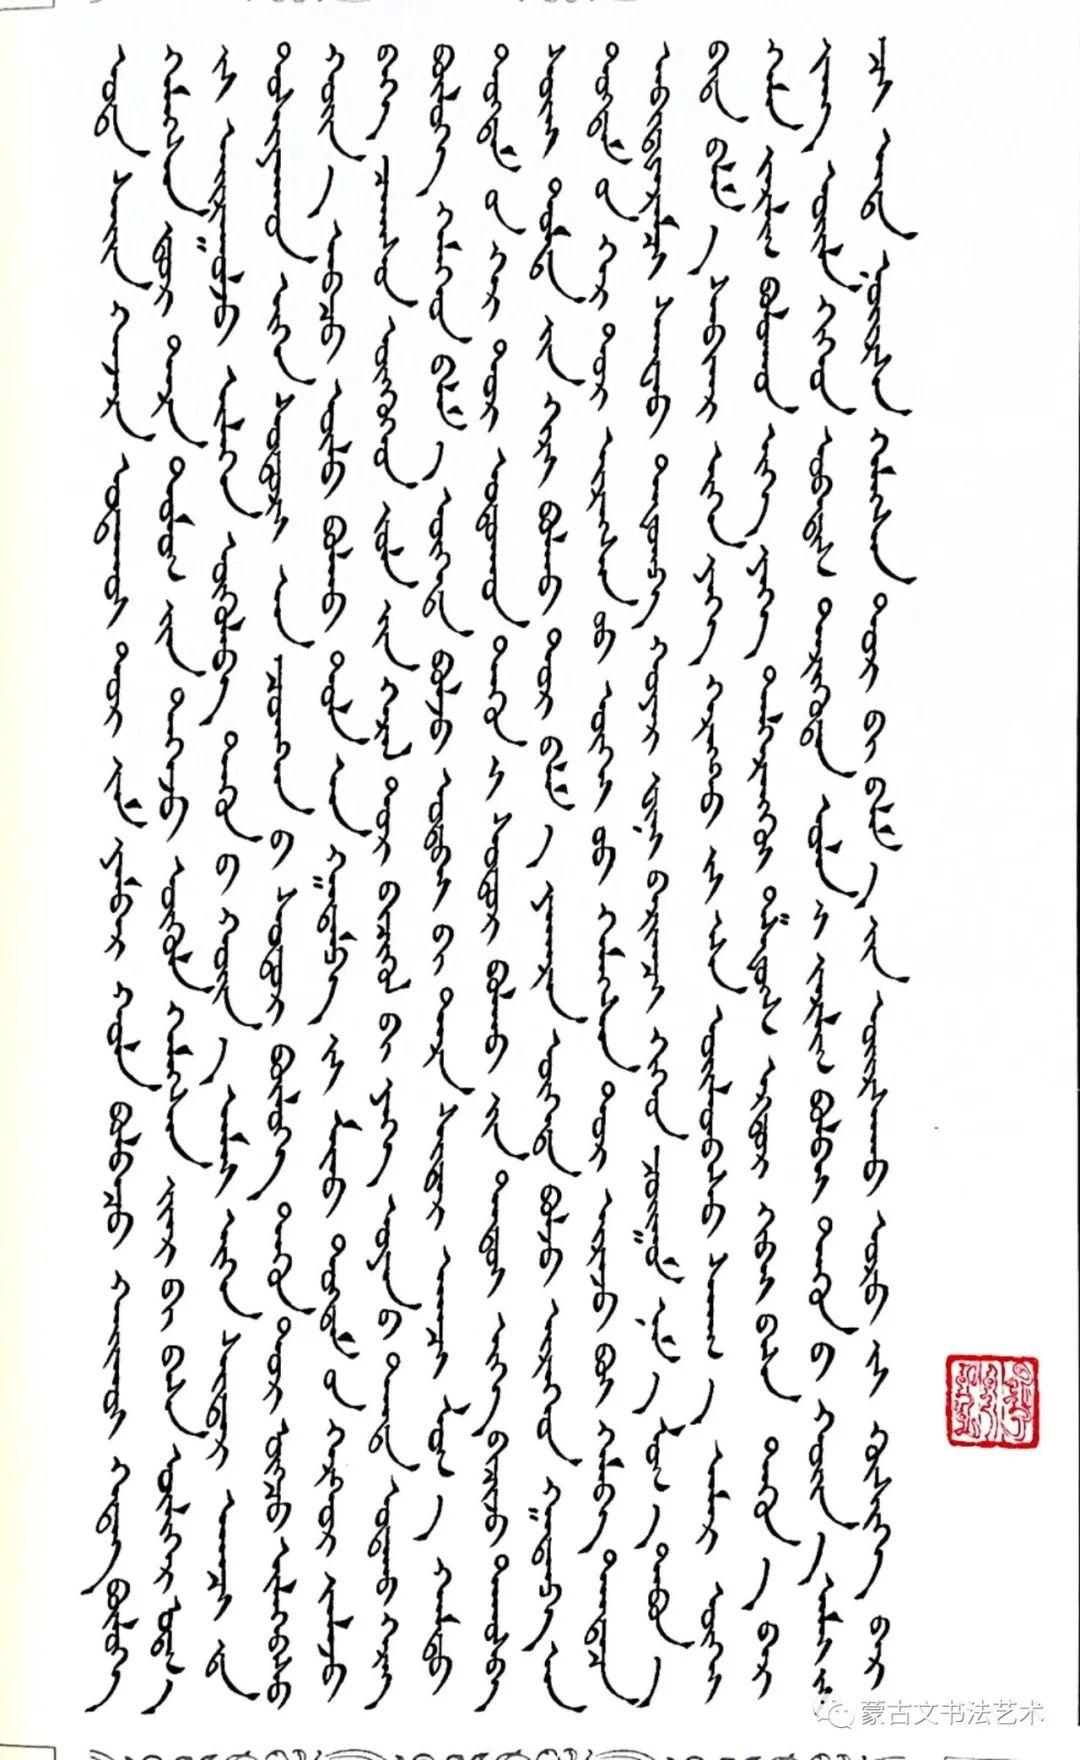 孟克德力格尔楷书著作《八思巴传》 第7张